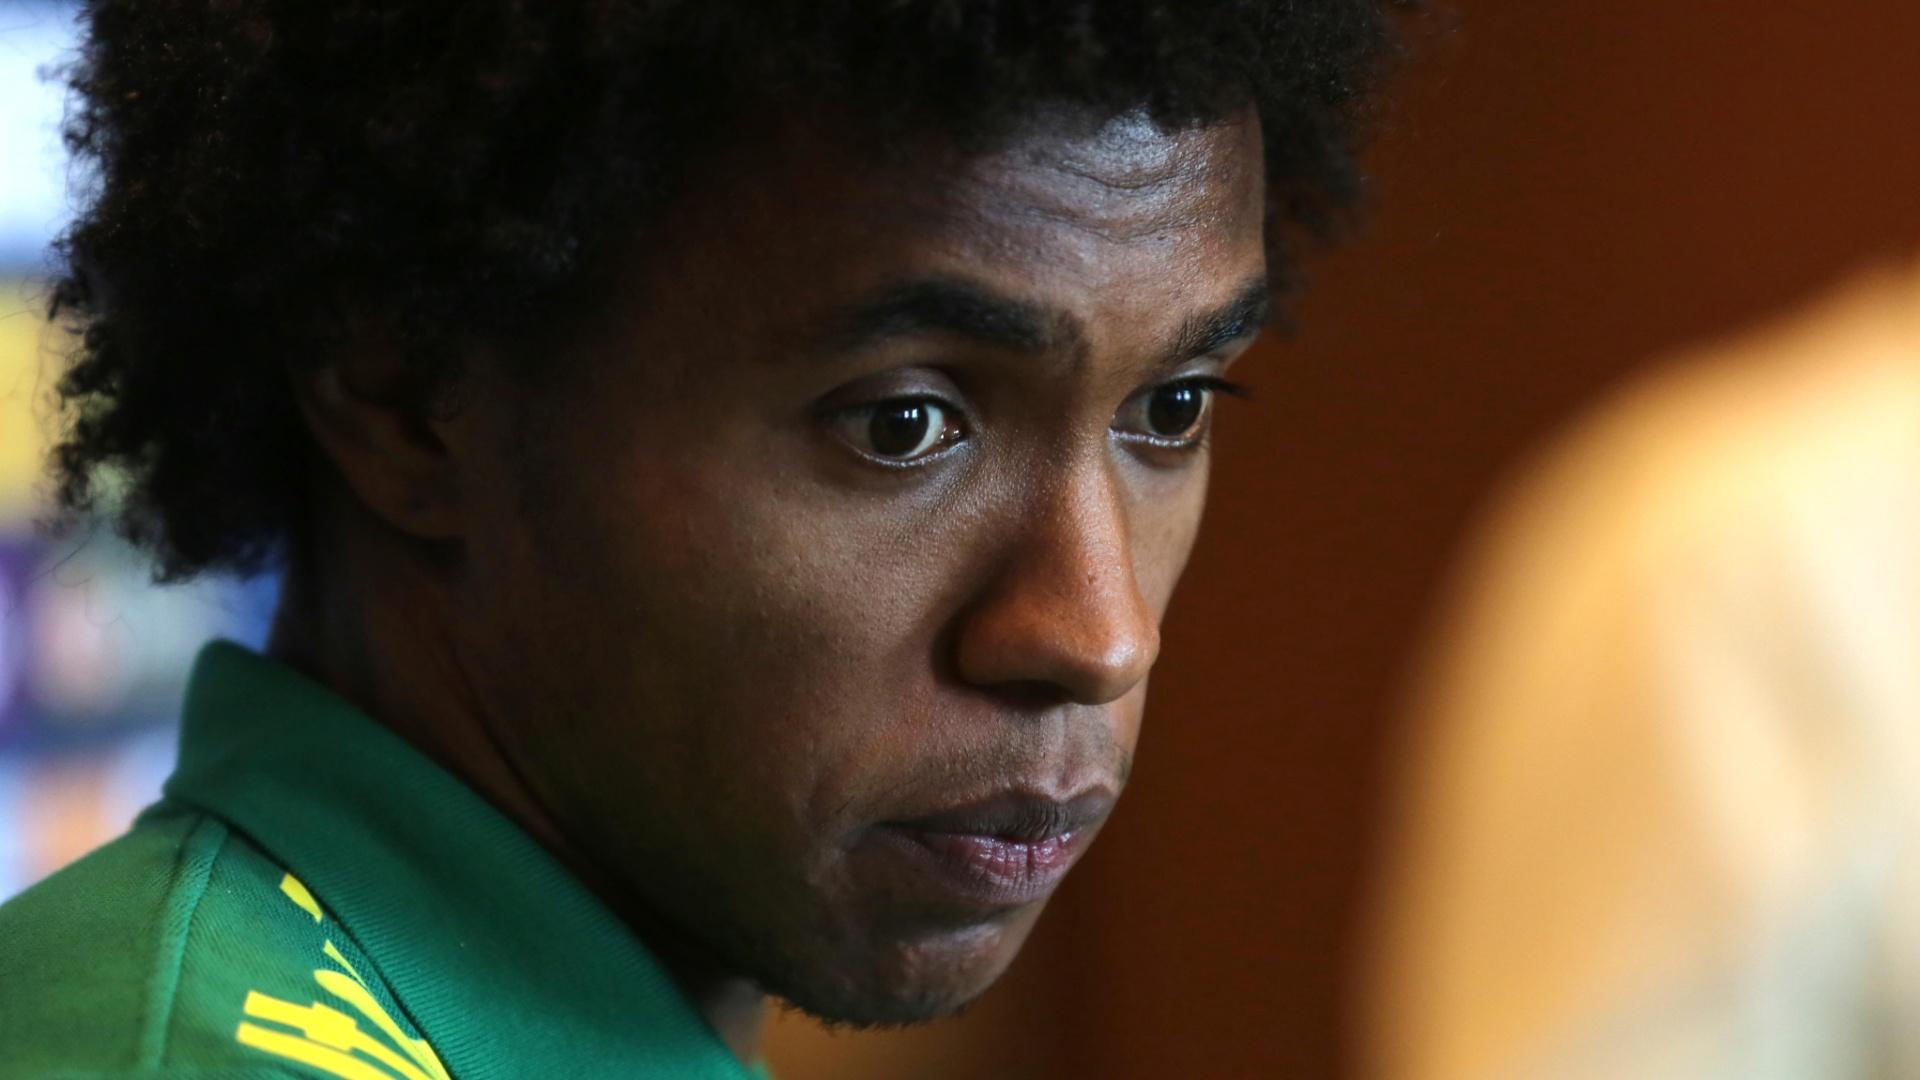 14.nov.2013 - Willian, meia-atacante do Chelsea e da seleção brasileira, corre para conseguir uma vaga no mundial do ano que vem